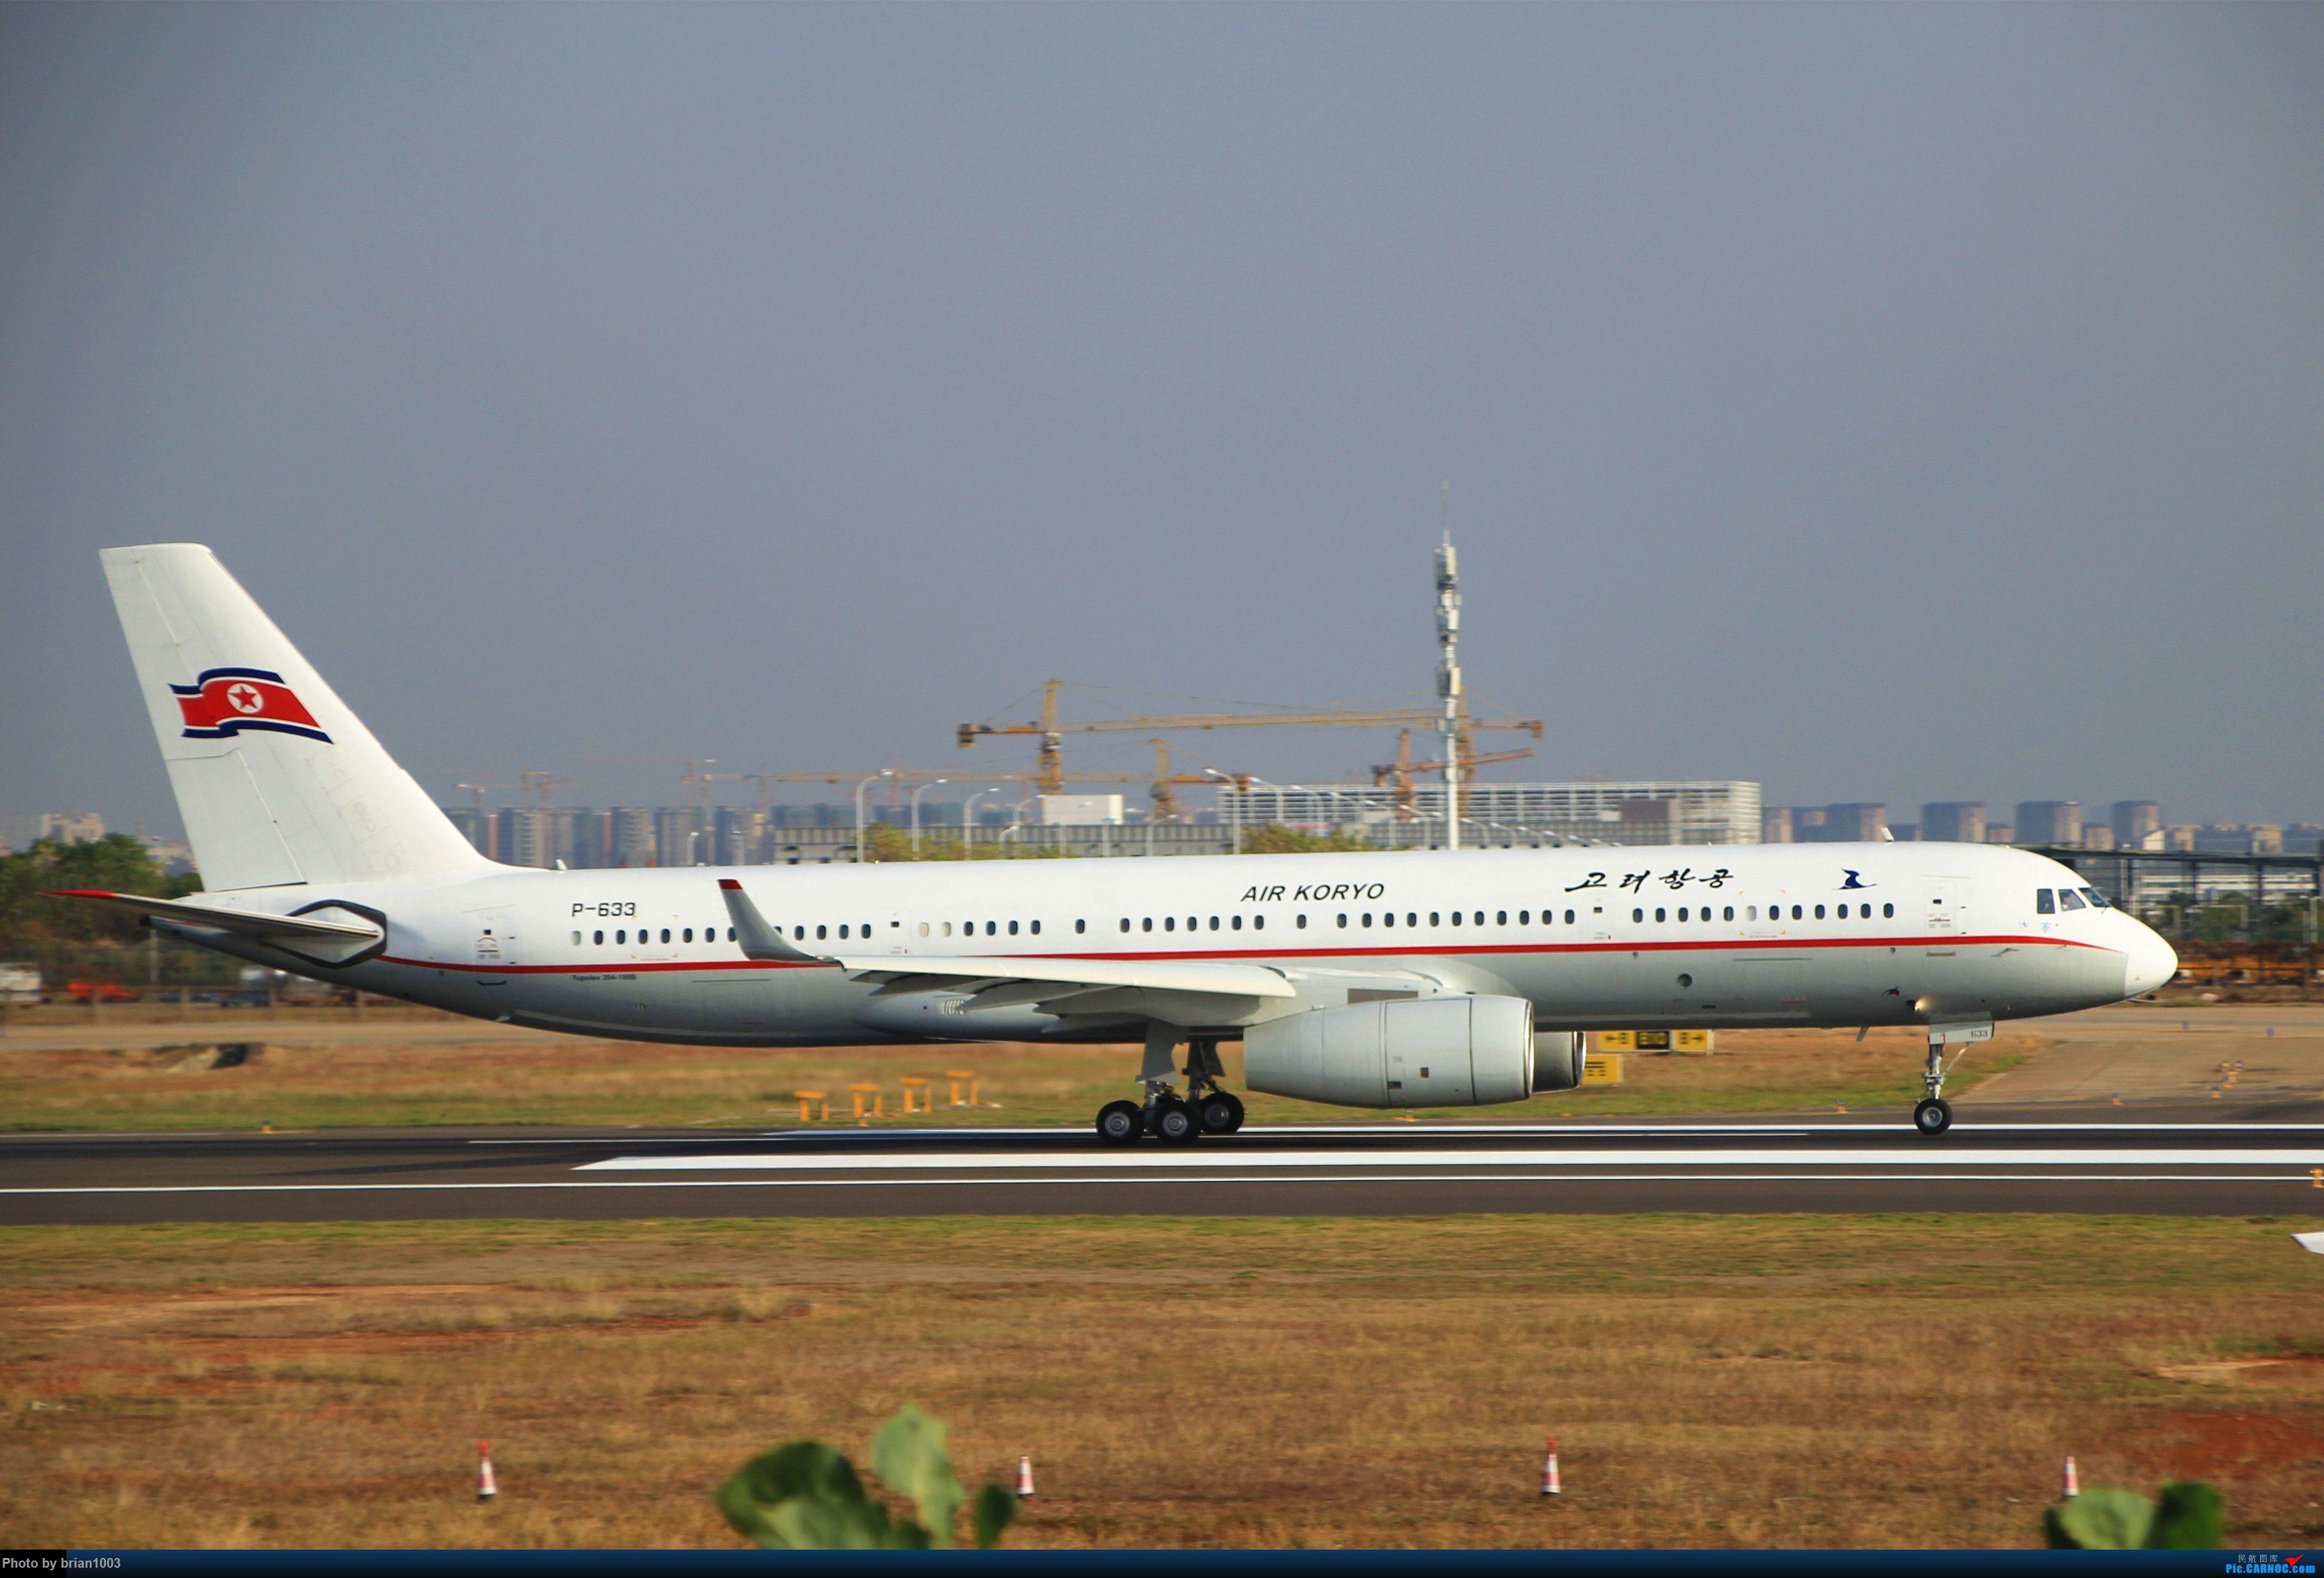 """Re:[原创]WUH武汉天河机场拍机之""""彩蛋""""满满的十月(更新至10月27日的763) TUPOLEV TU-204 P-633 中国武汉天河国际机场"""